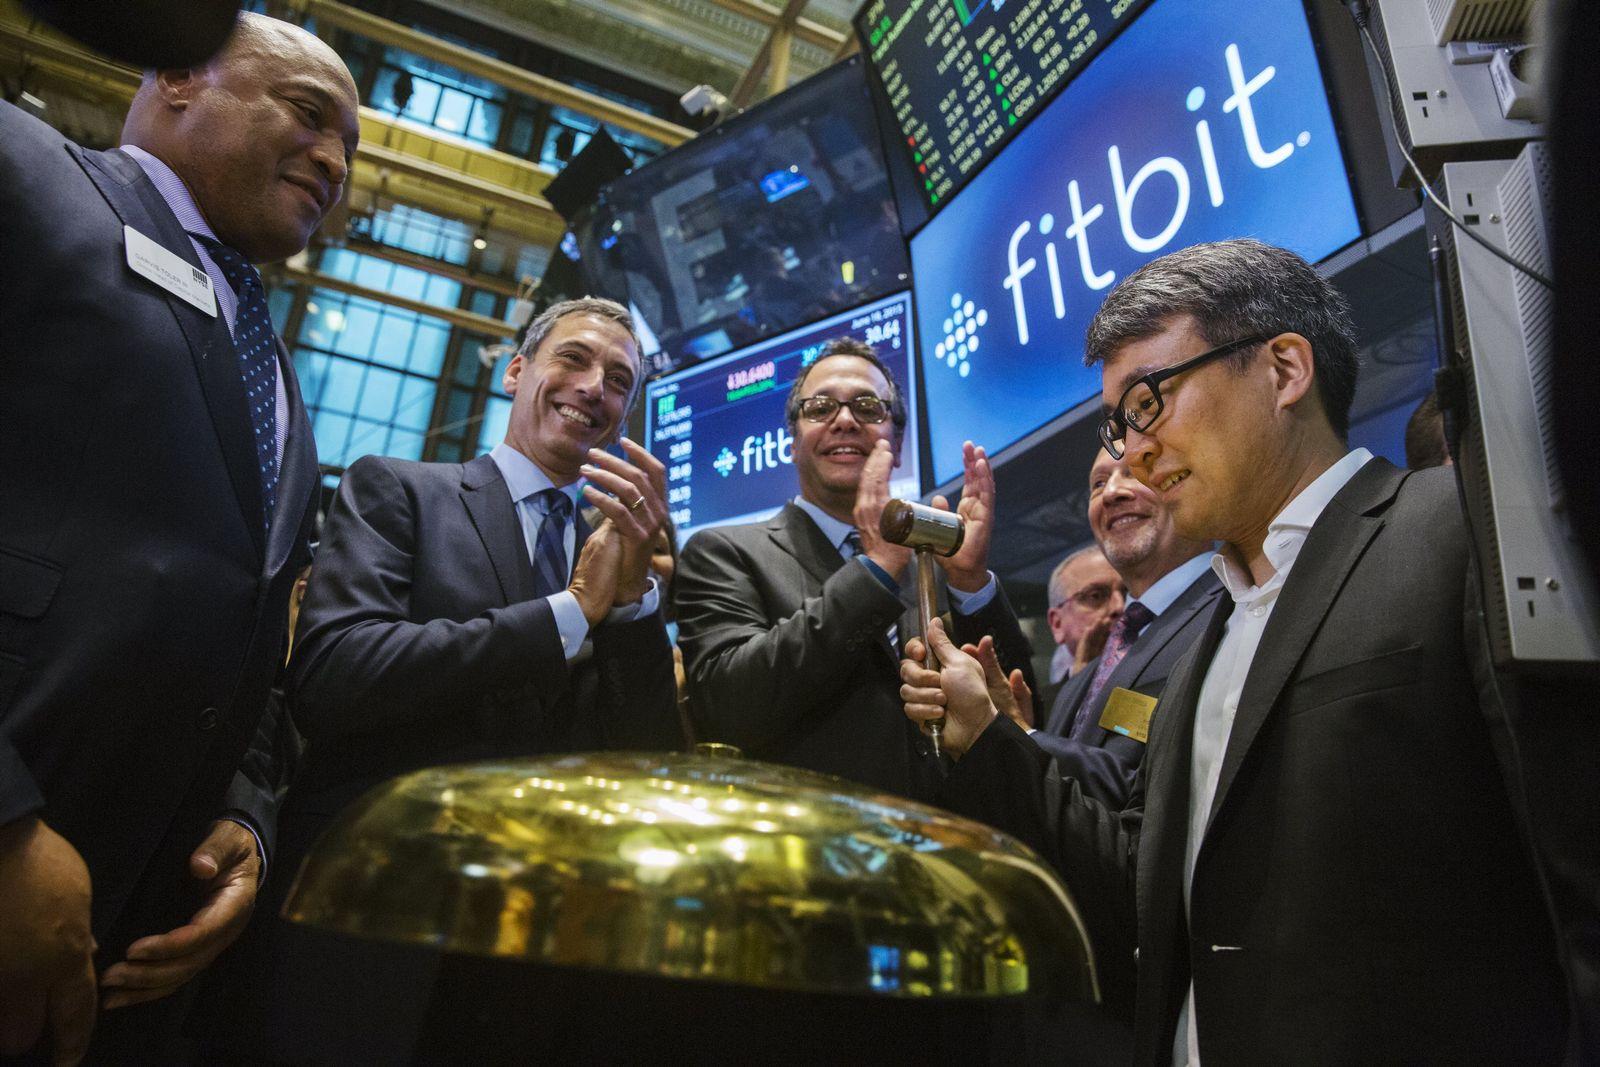 FITBIT/ Börse